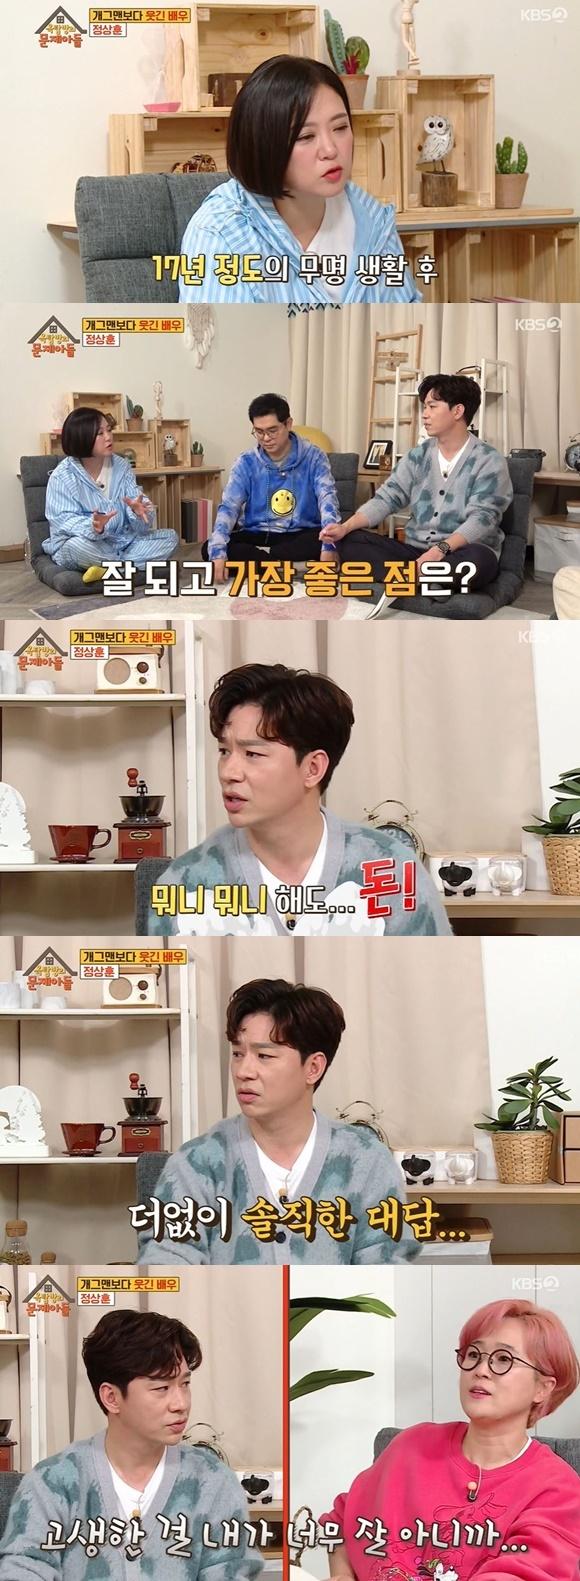 /사진= KBS 2TV 예능 '옥탑방의 문제아들' 방송 화면